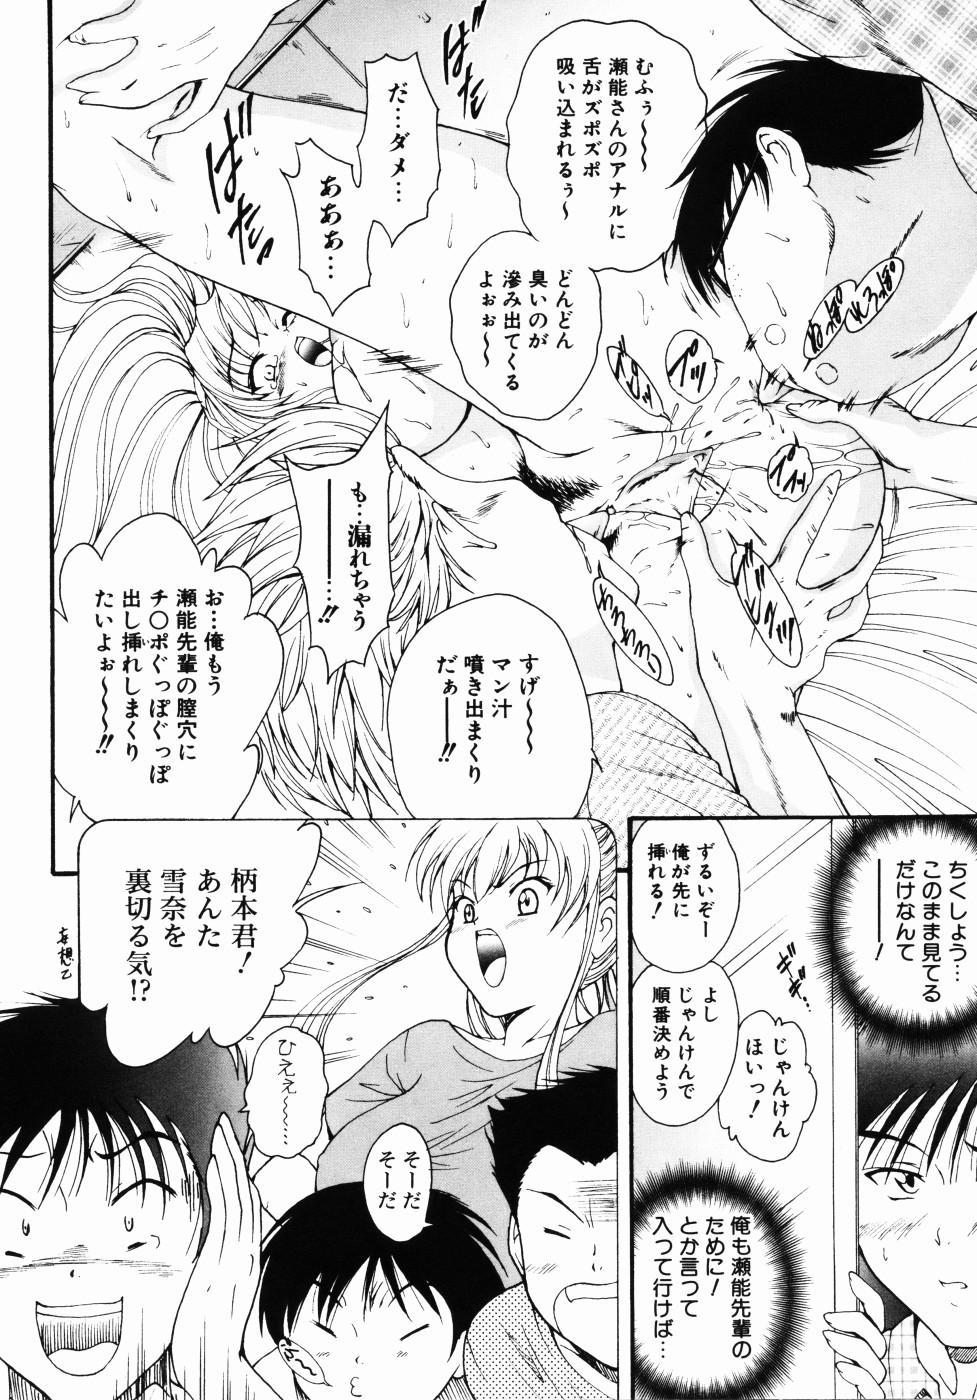 Daikyou Megami 138